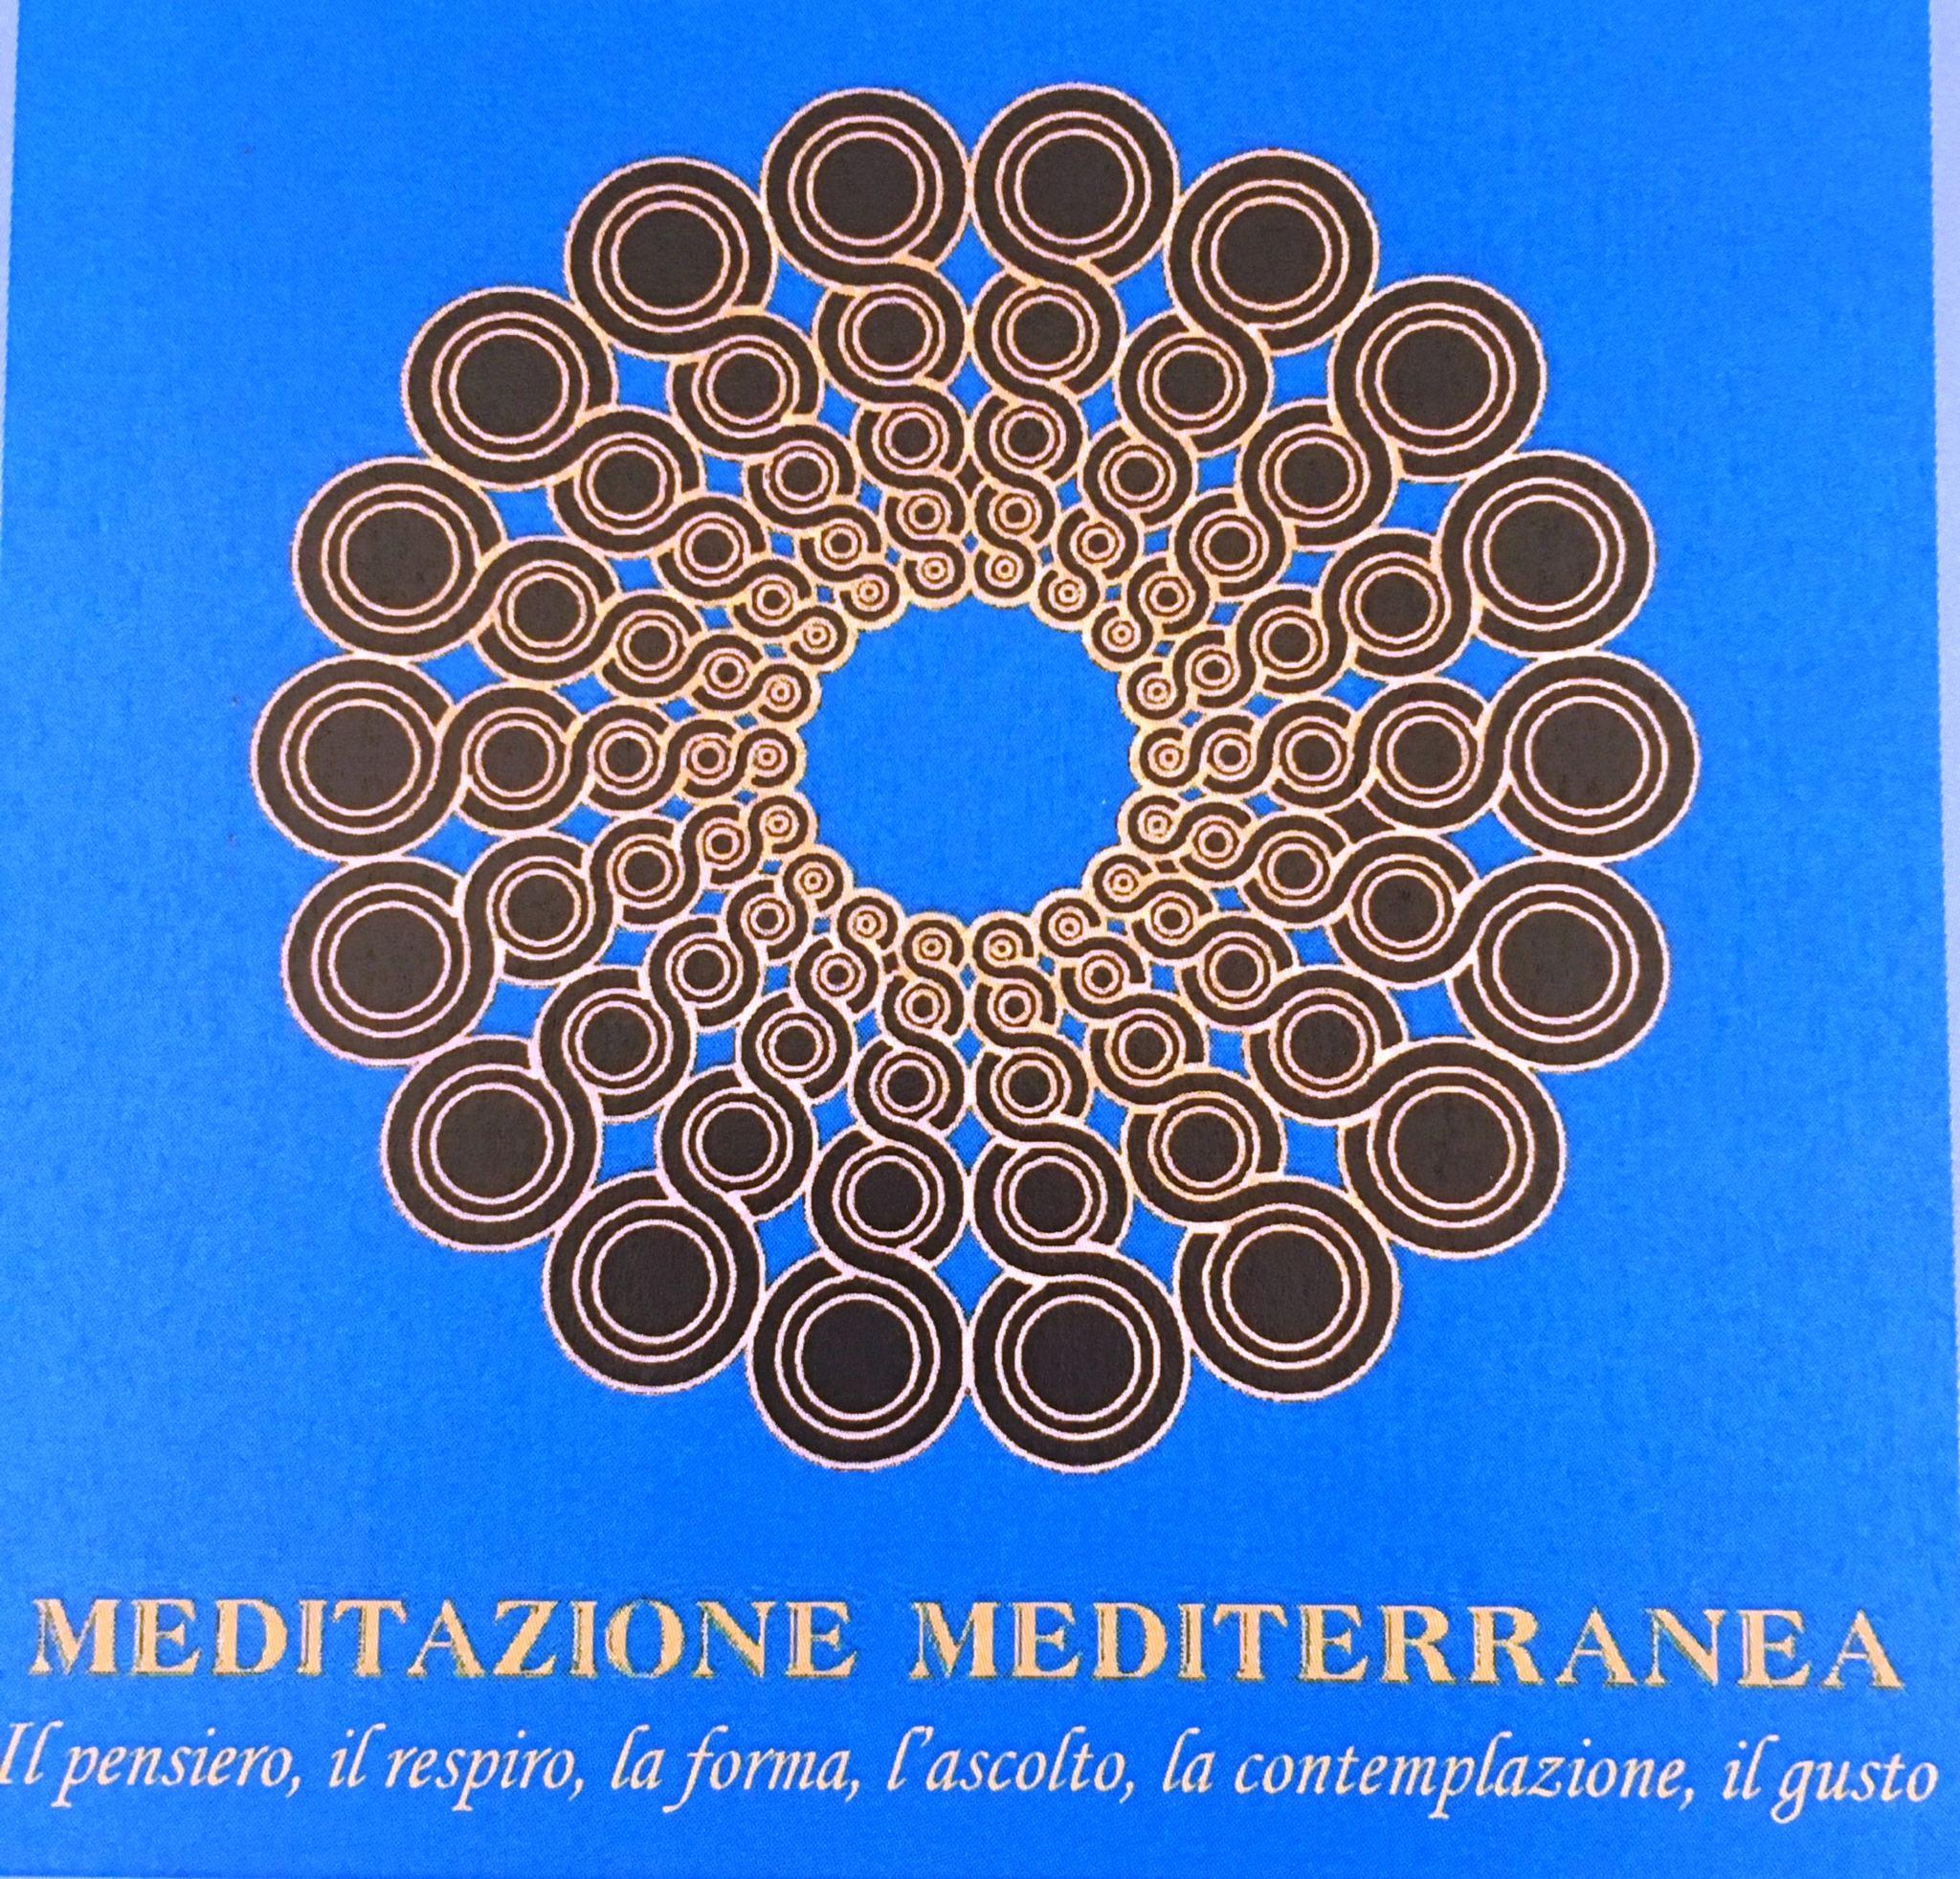 Meditazione Mediterranea